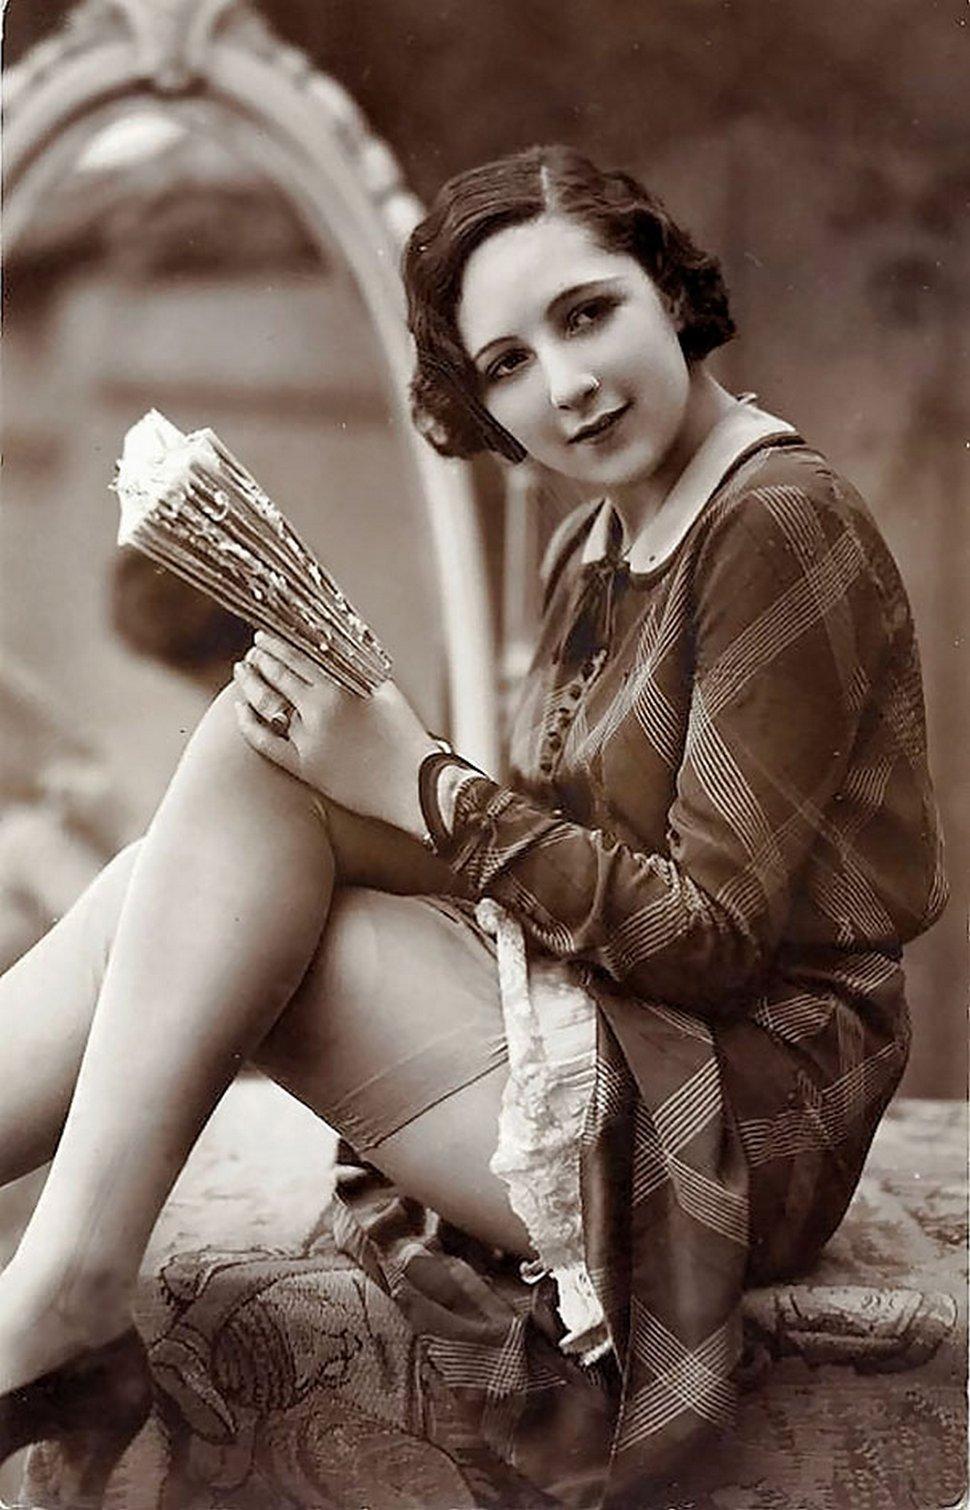 22 femmes photographiées il y a 100 ans pour des cartes postales anciennes de 1900 à 1910